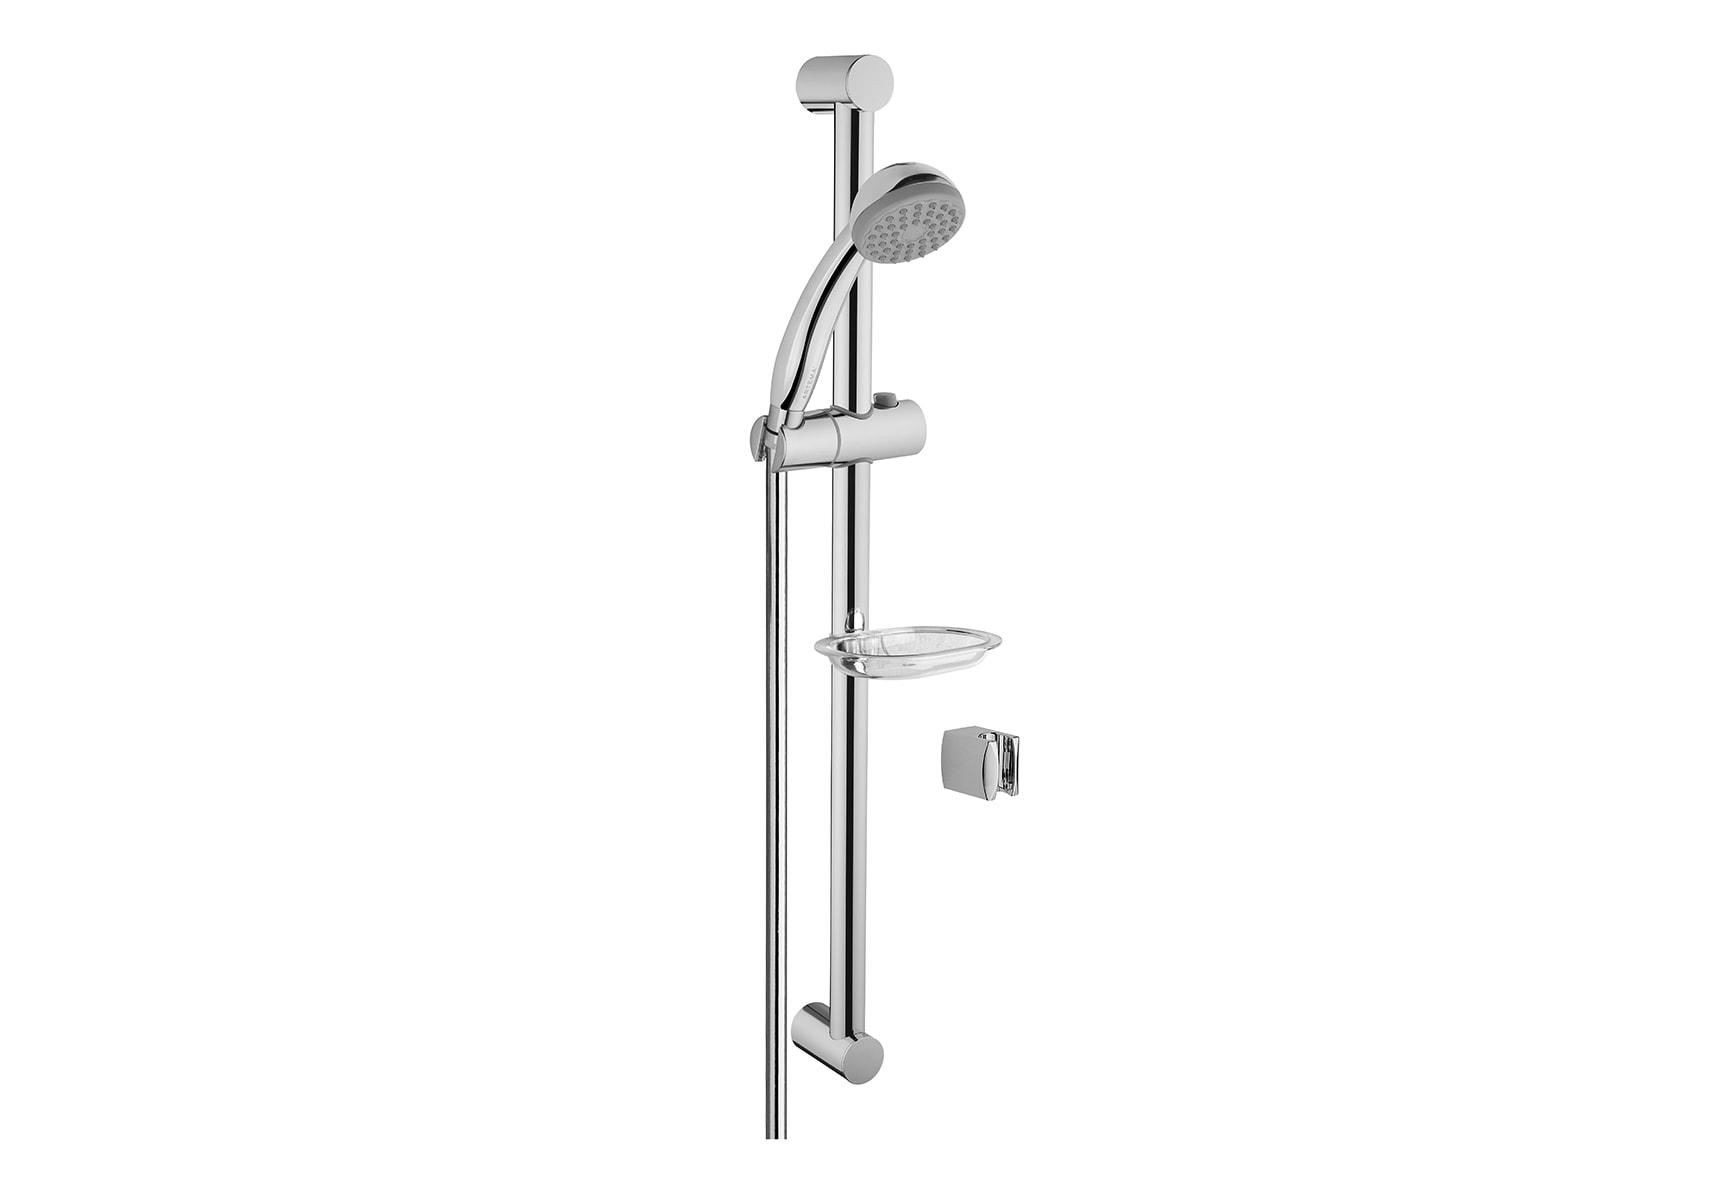 Solo C shower set